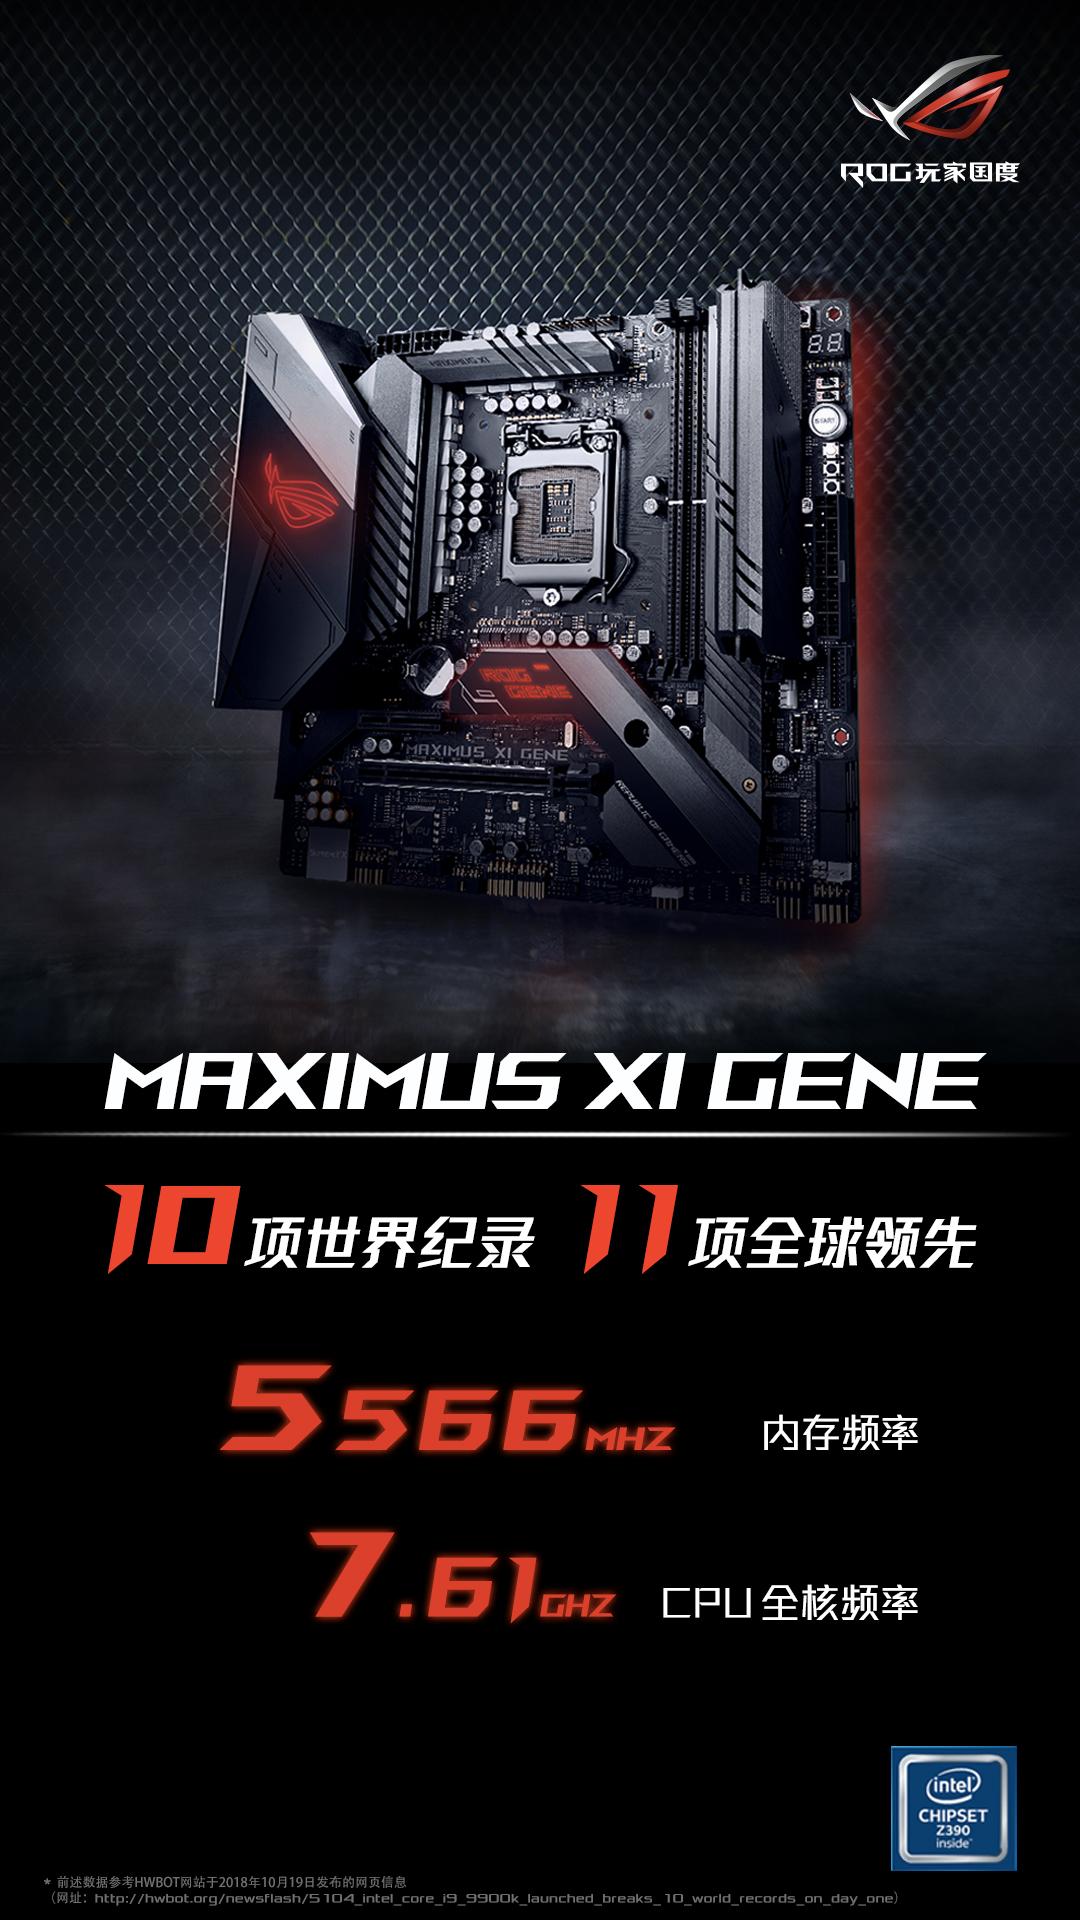 冠军之选 华硕Z390主板制霸双.11天猫榜单